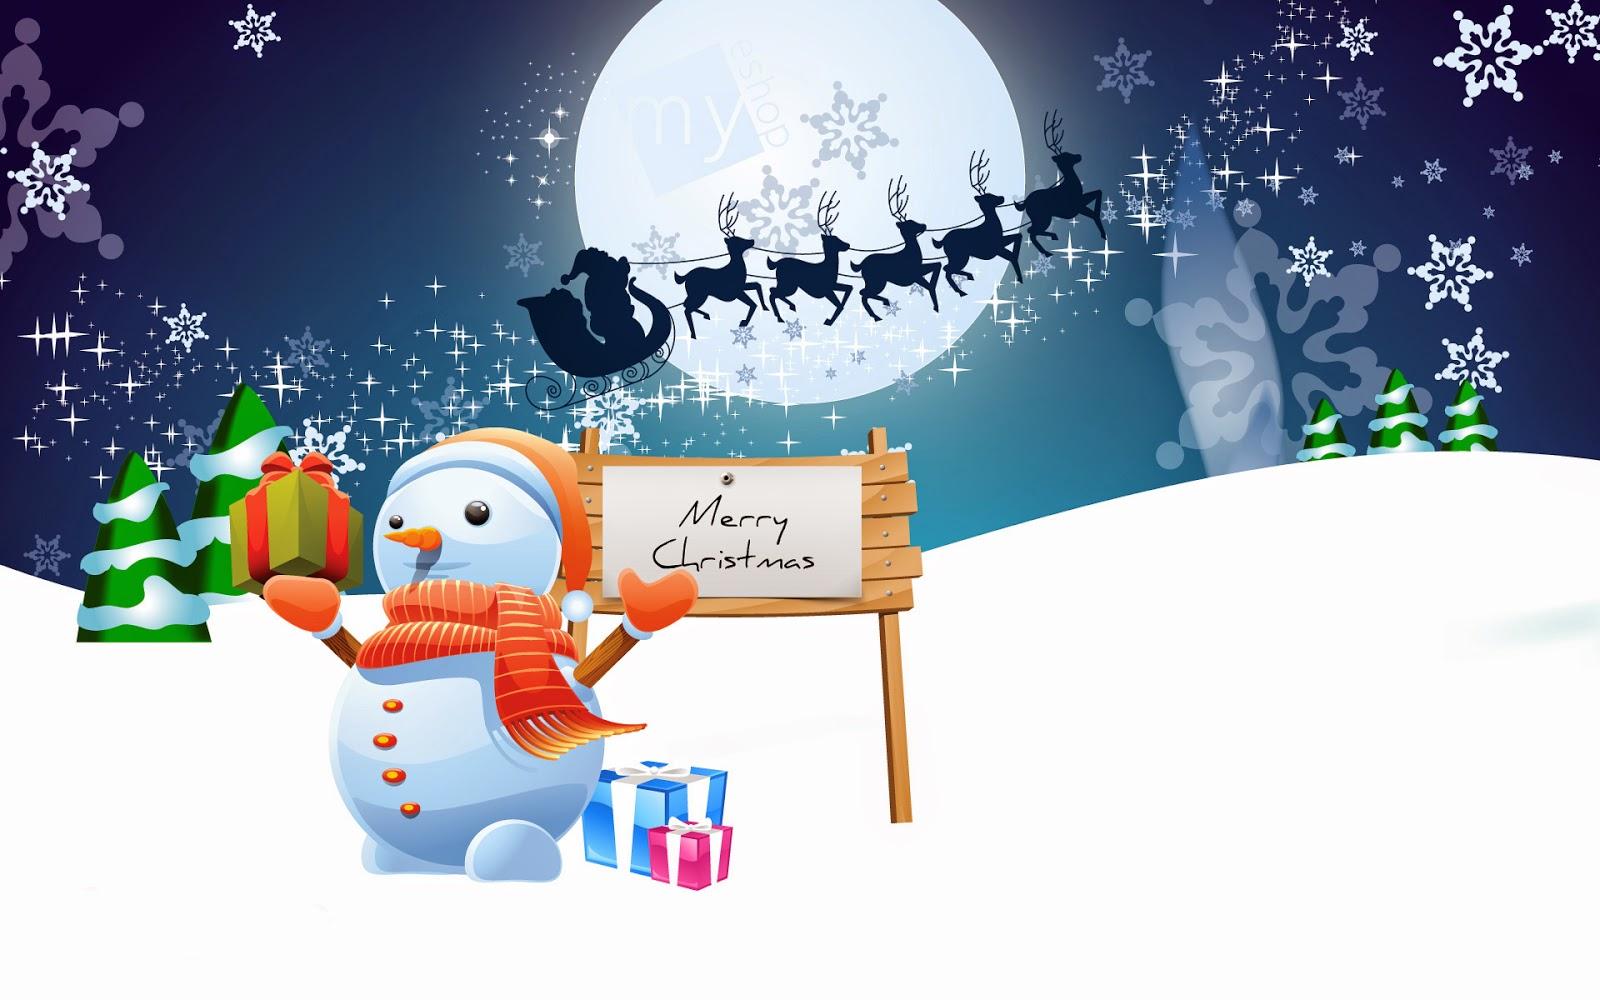 KnowCrazy.com: Merry Christmas 2014